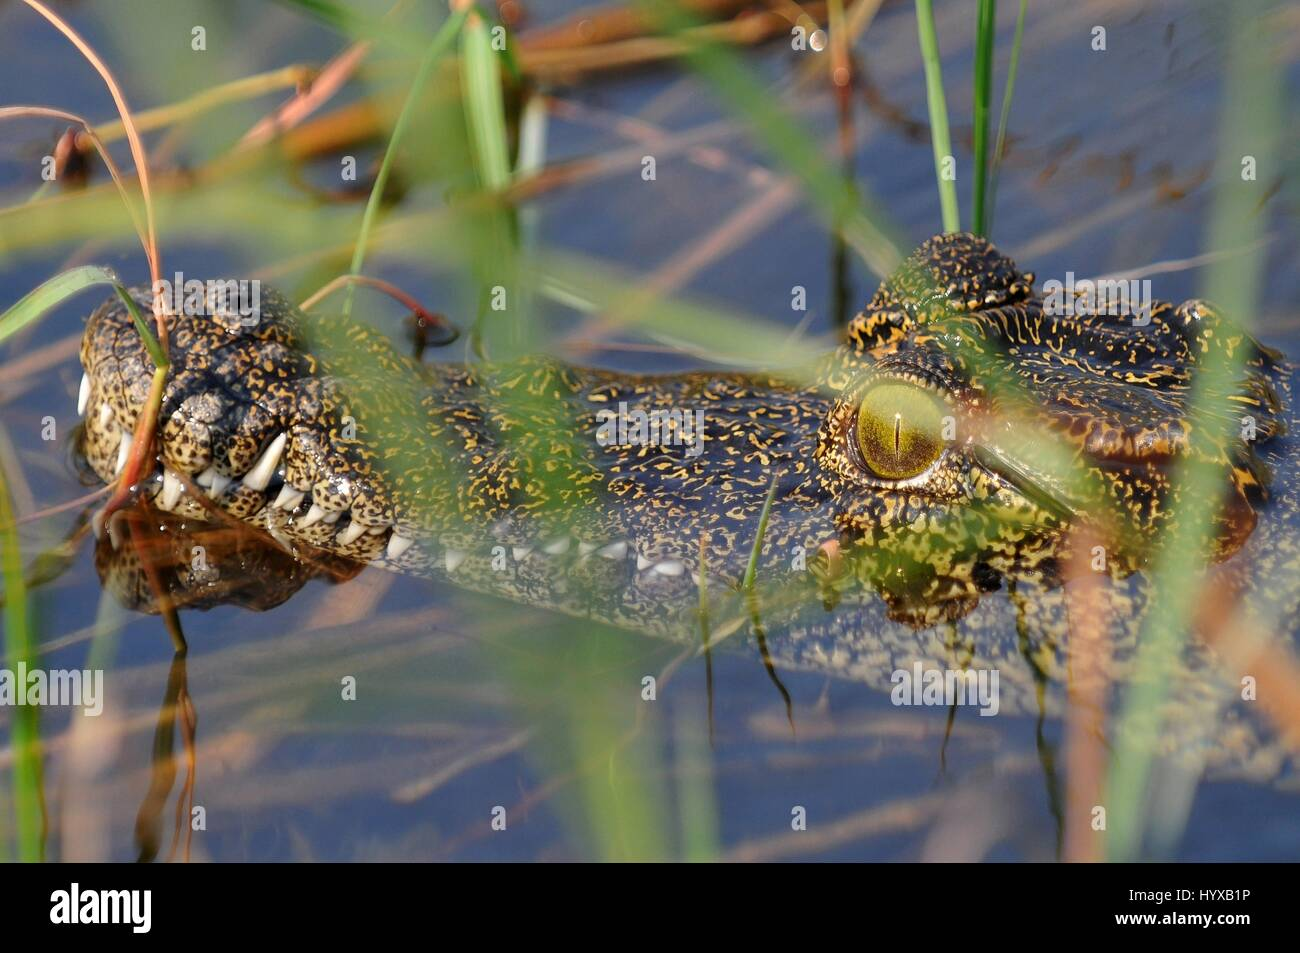 Africa, Botswana. Crocodile in Okavango river - Stock Image